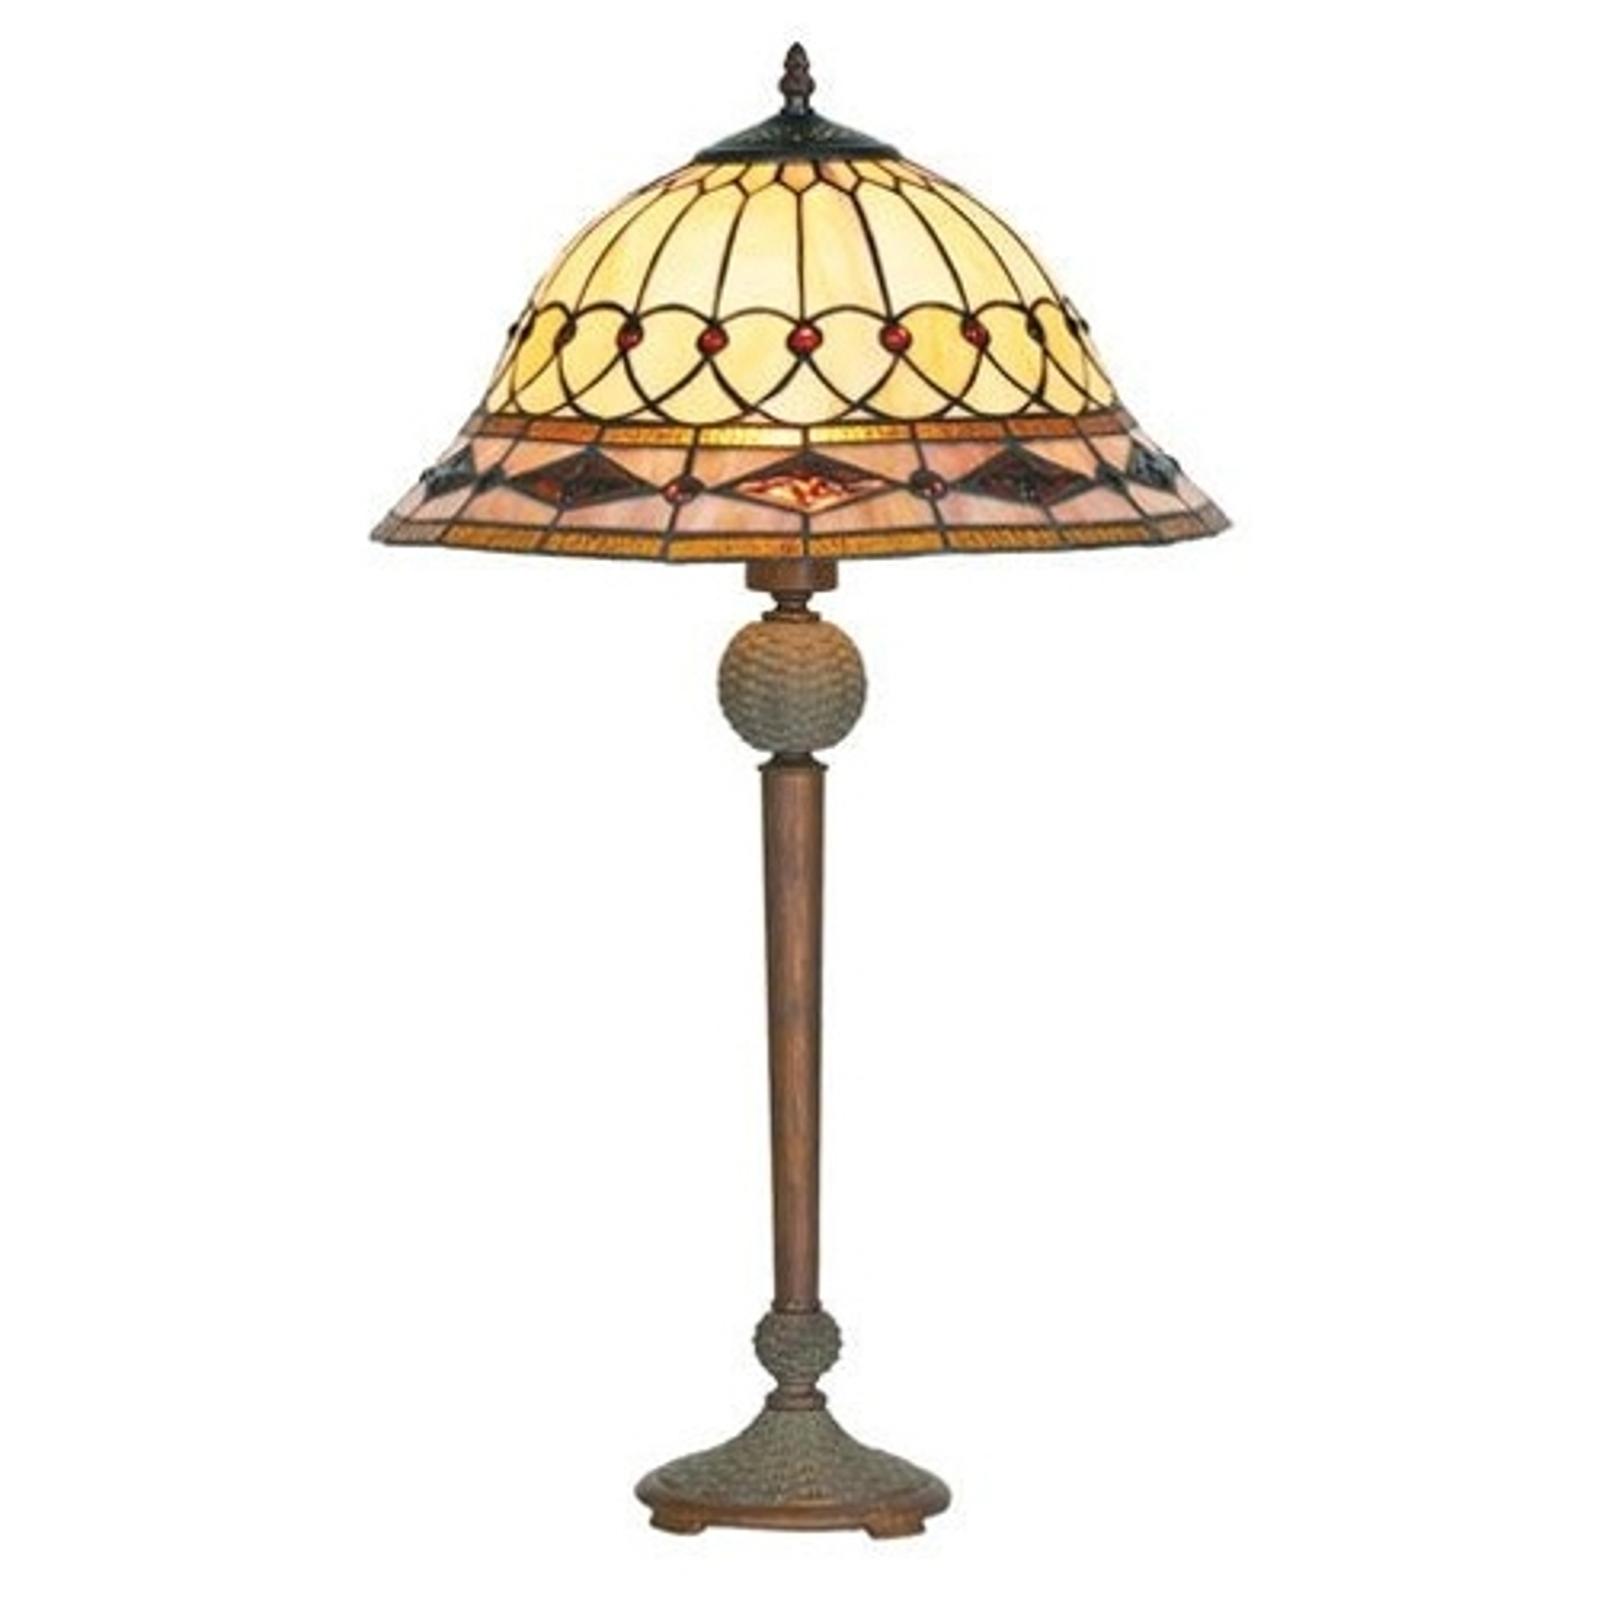 Kassandra tafellamp in Tiffany-stijl